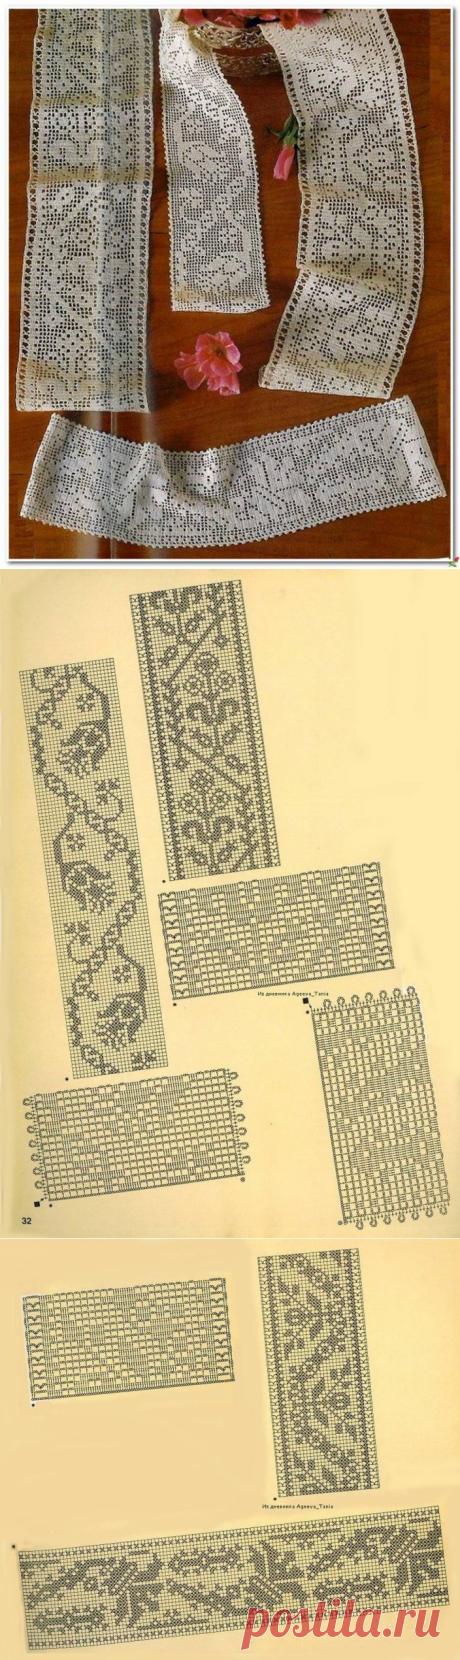 Тесьма в филейной технике крючком. Филейное вязание кайма схемы |